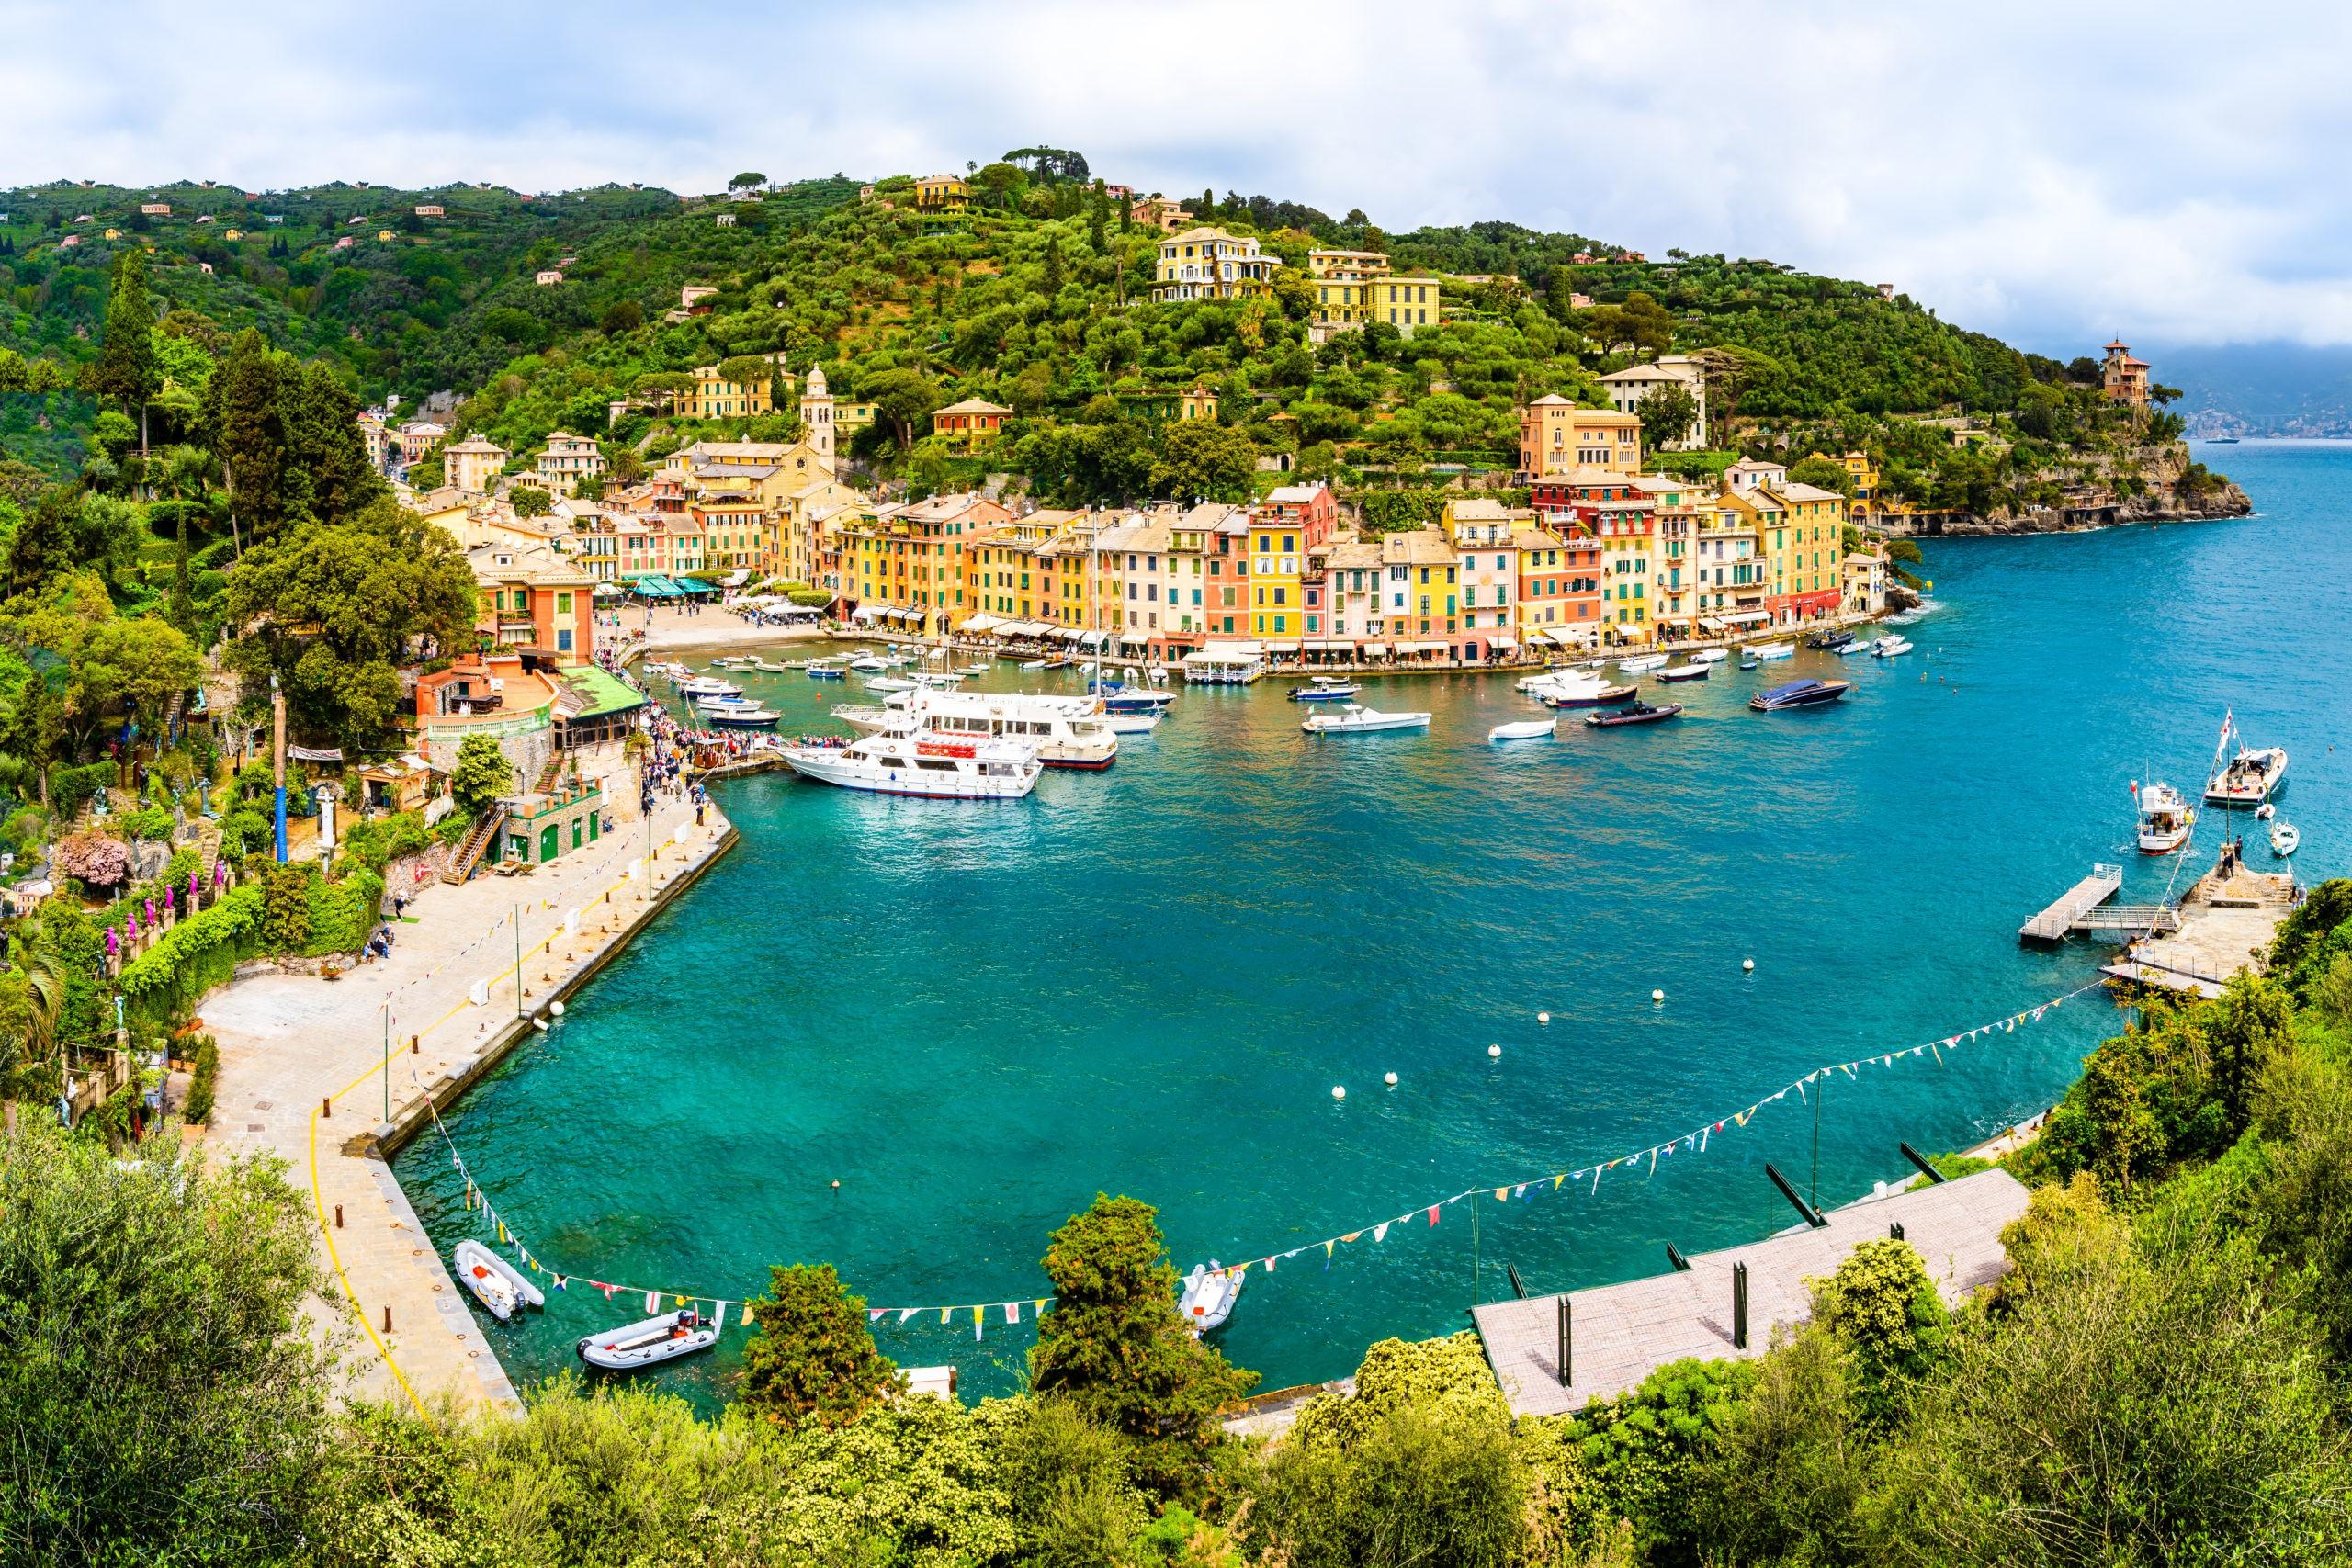 Liguria - wakacje nad włoską riwierą, co zwiedzić, plaże, noclegi